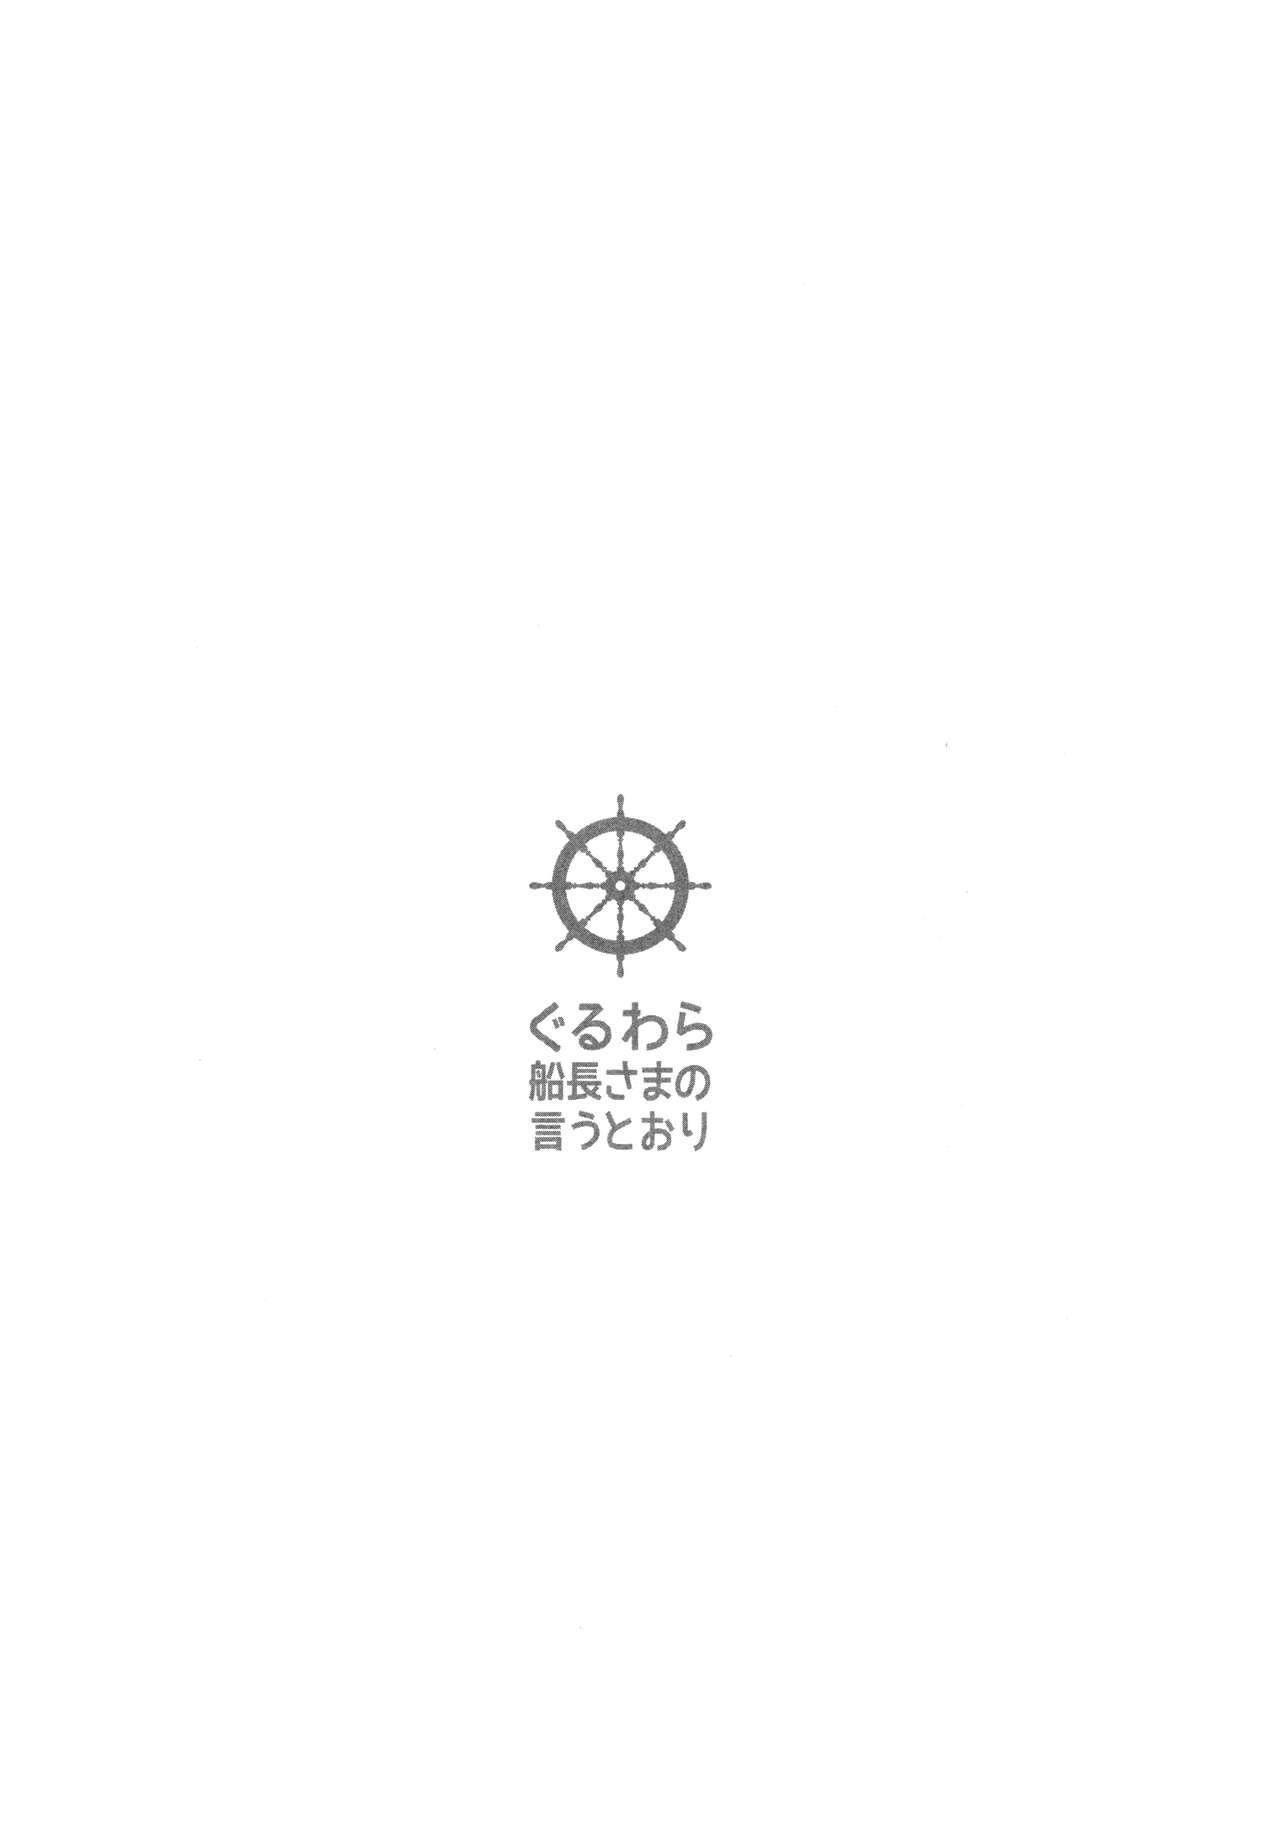 Guru Wara Senchou-sama no Iutoori 21